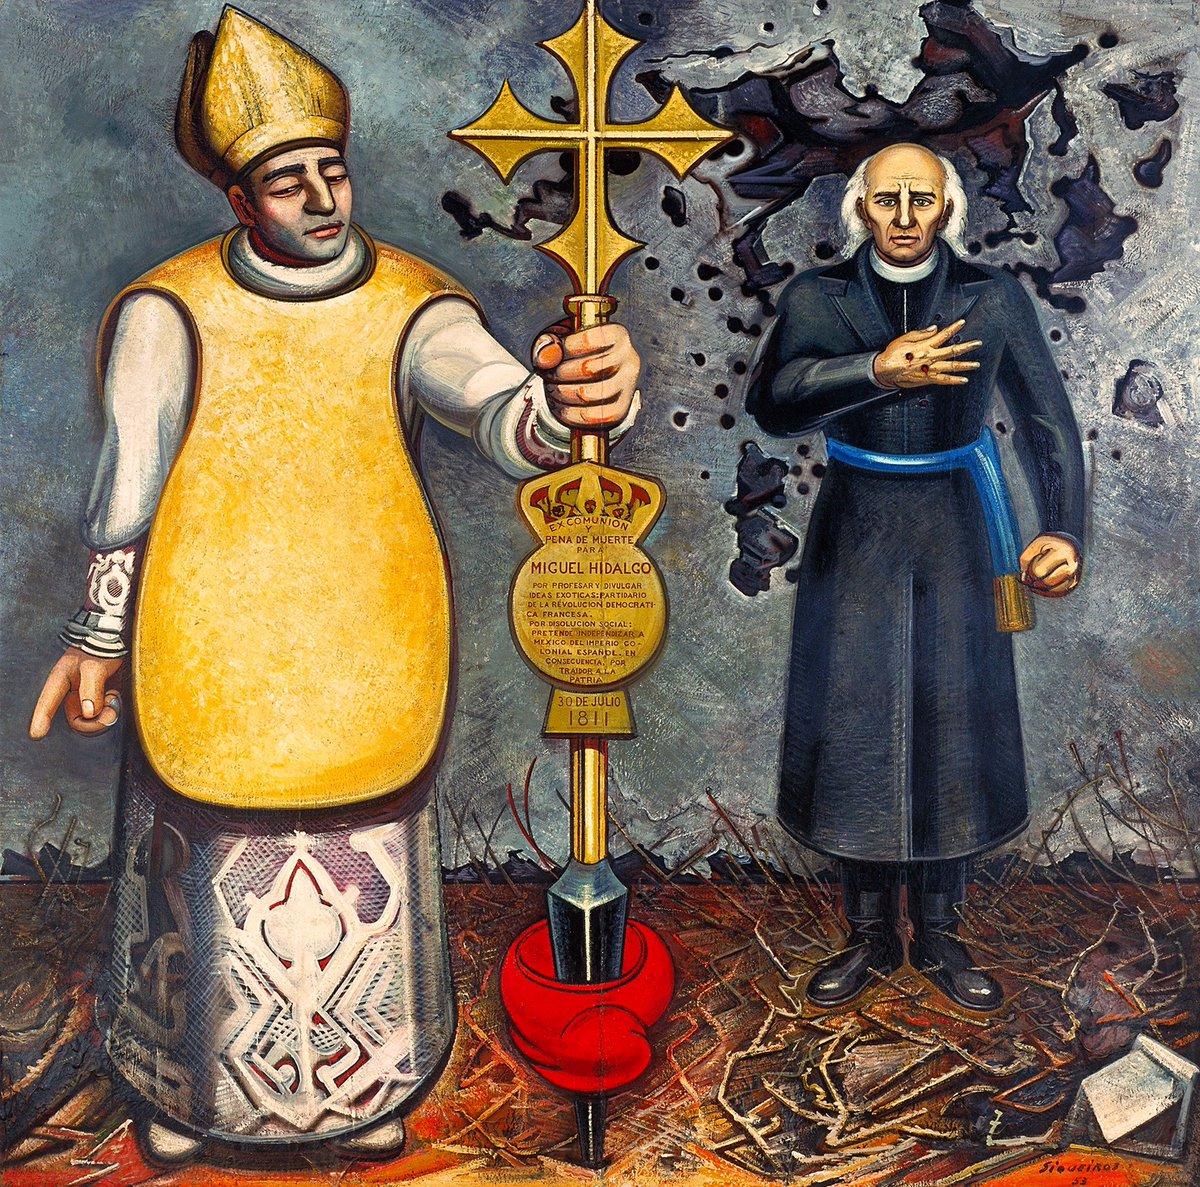 Pintura obispo e Hidalgo de Siqueiros. Excomunión y fusilamiento de Hidalgo